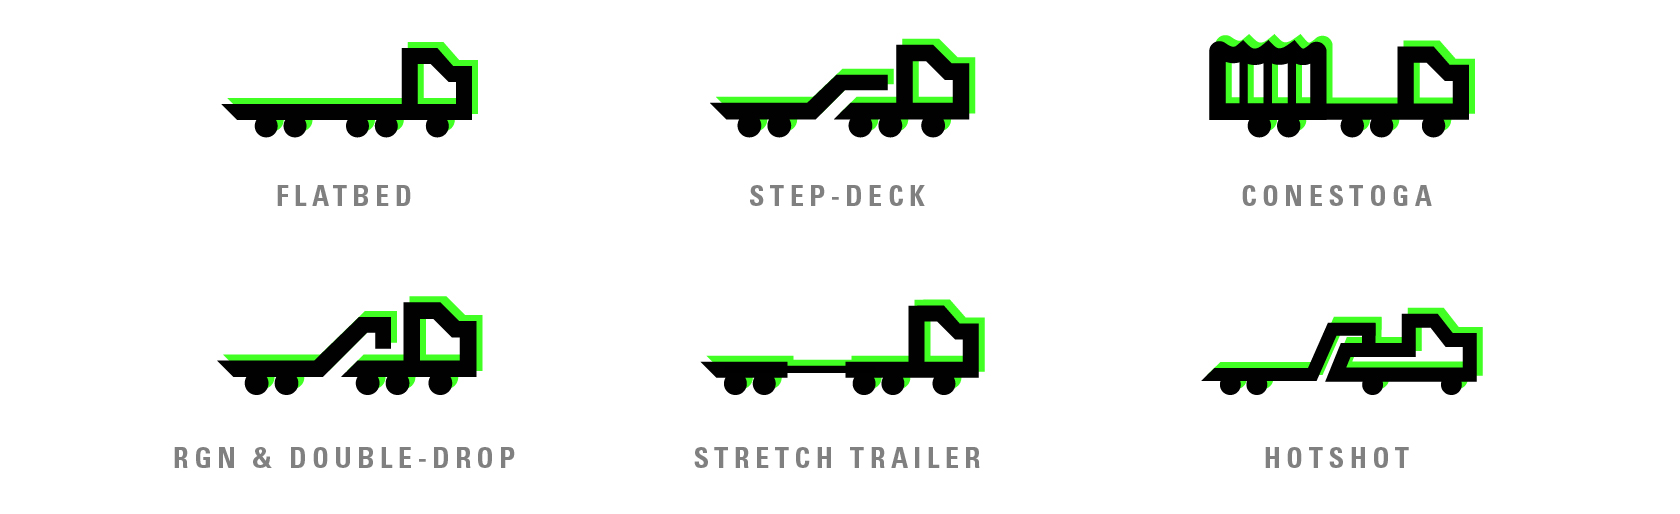 Types of open deck equipment